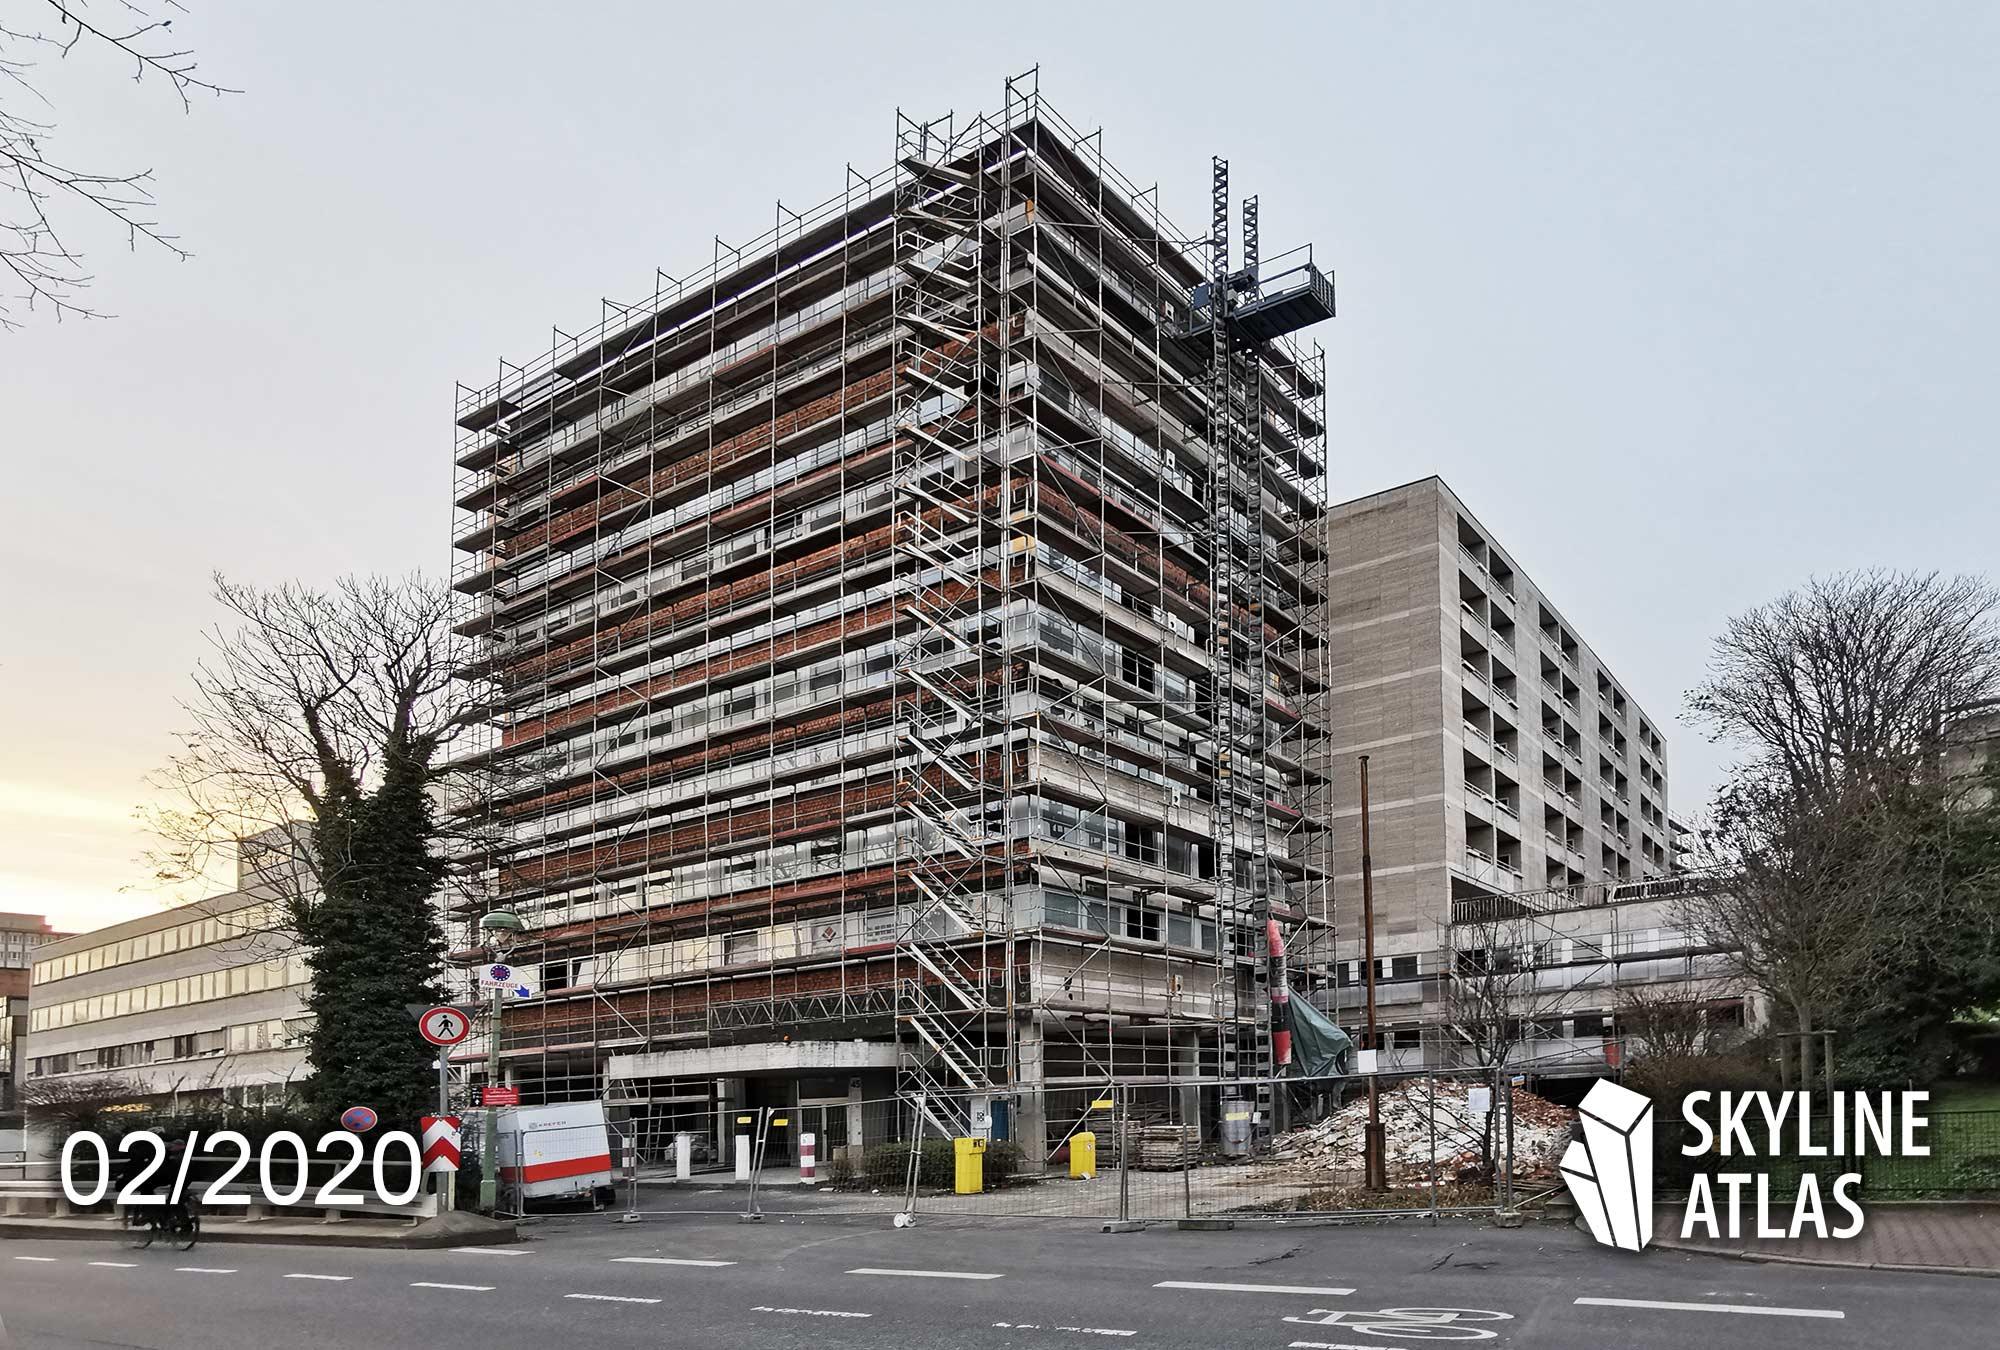 Panorama Residenz Frankfurt - Ostparkstraße 45 - Wohnturm - Eigentumswohnungen Ostend - Karl Dudler Architekten - Baufortschritt Februar 2020 - Baustelle